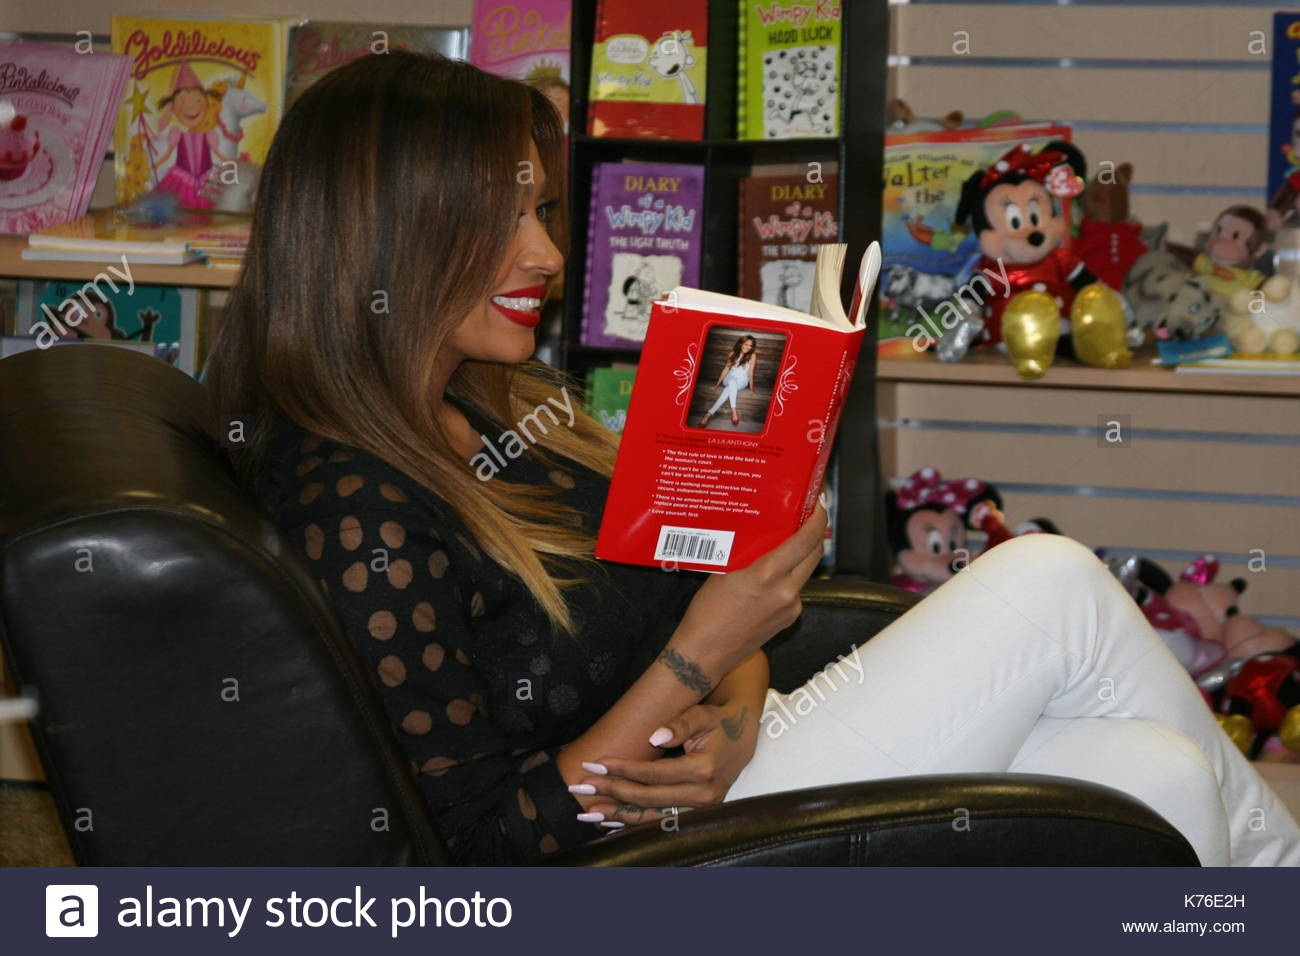 La la anthony la la anthony promoted her new book the love stock la la anthony promoted her new book the love playbook at books and greetings in northvale new jersey on january 29 2014 m4hsunfo